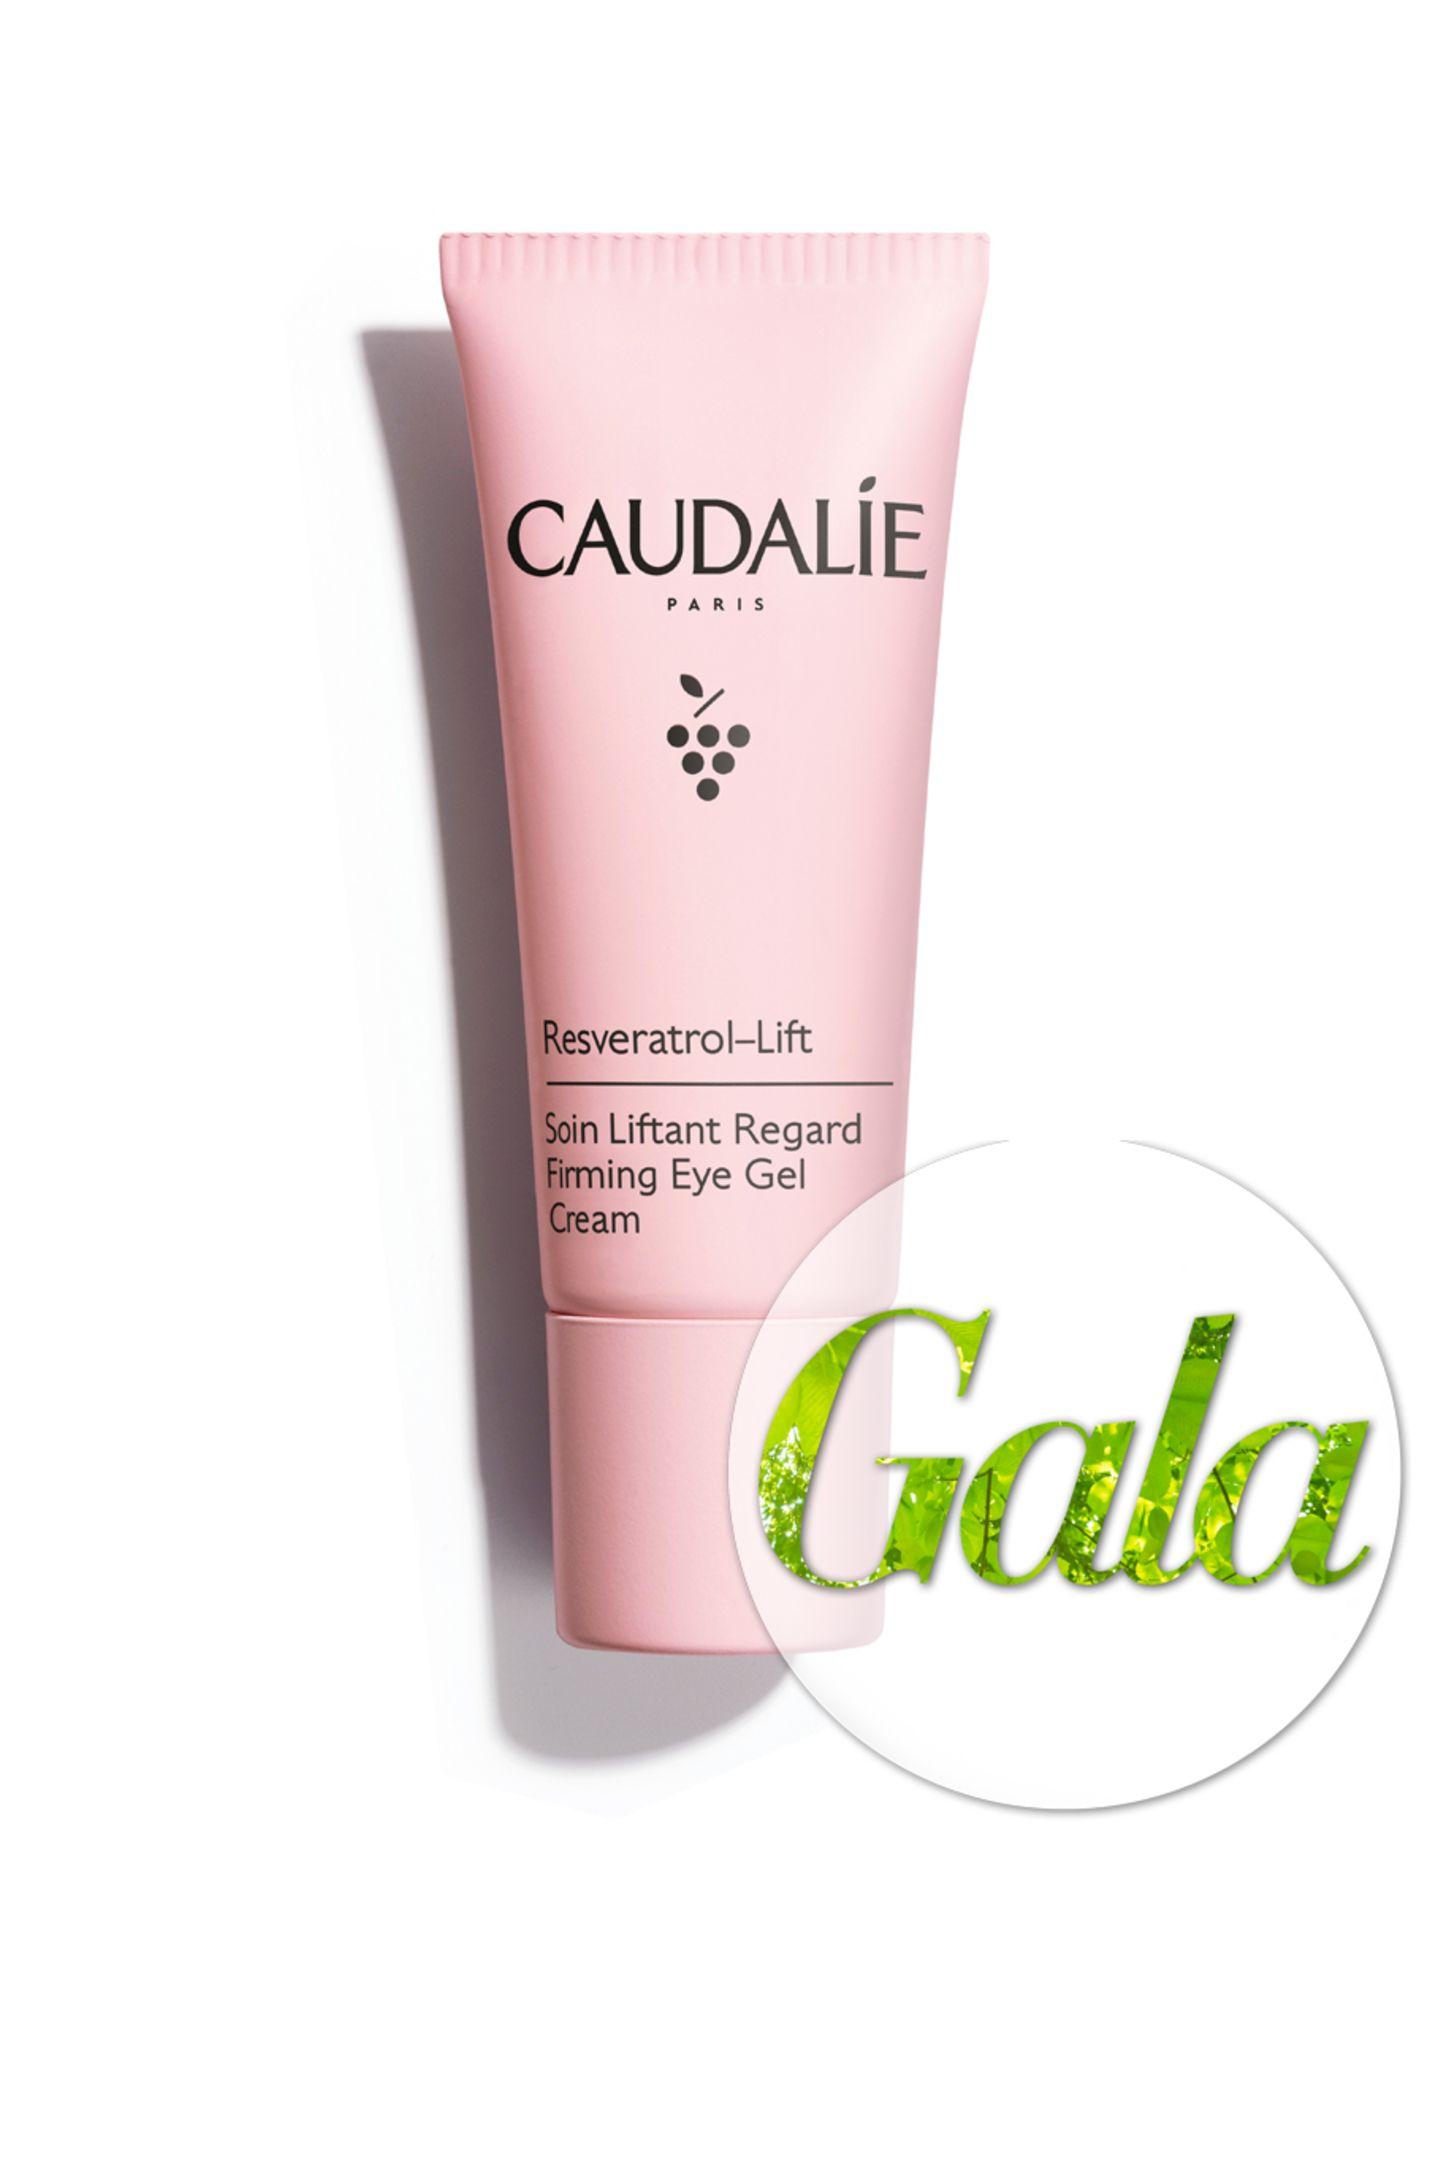 Während allgemein in Kosmetikprodukten Kollagen tierischen Ursprungs verwendet wird, wählt Caudalie bewusst ein veganes Booster-Kollagen, um Haut und Umwelt zu schützen. Ein Grund mehr zurResveratrol Lift Augencreme zu greifen, kostet ca. 39 Euro.